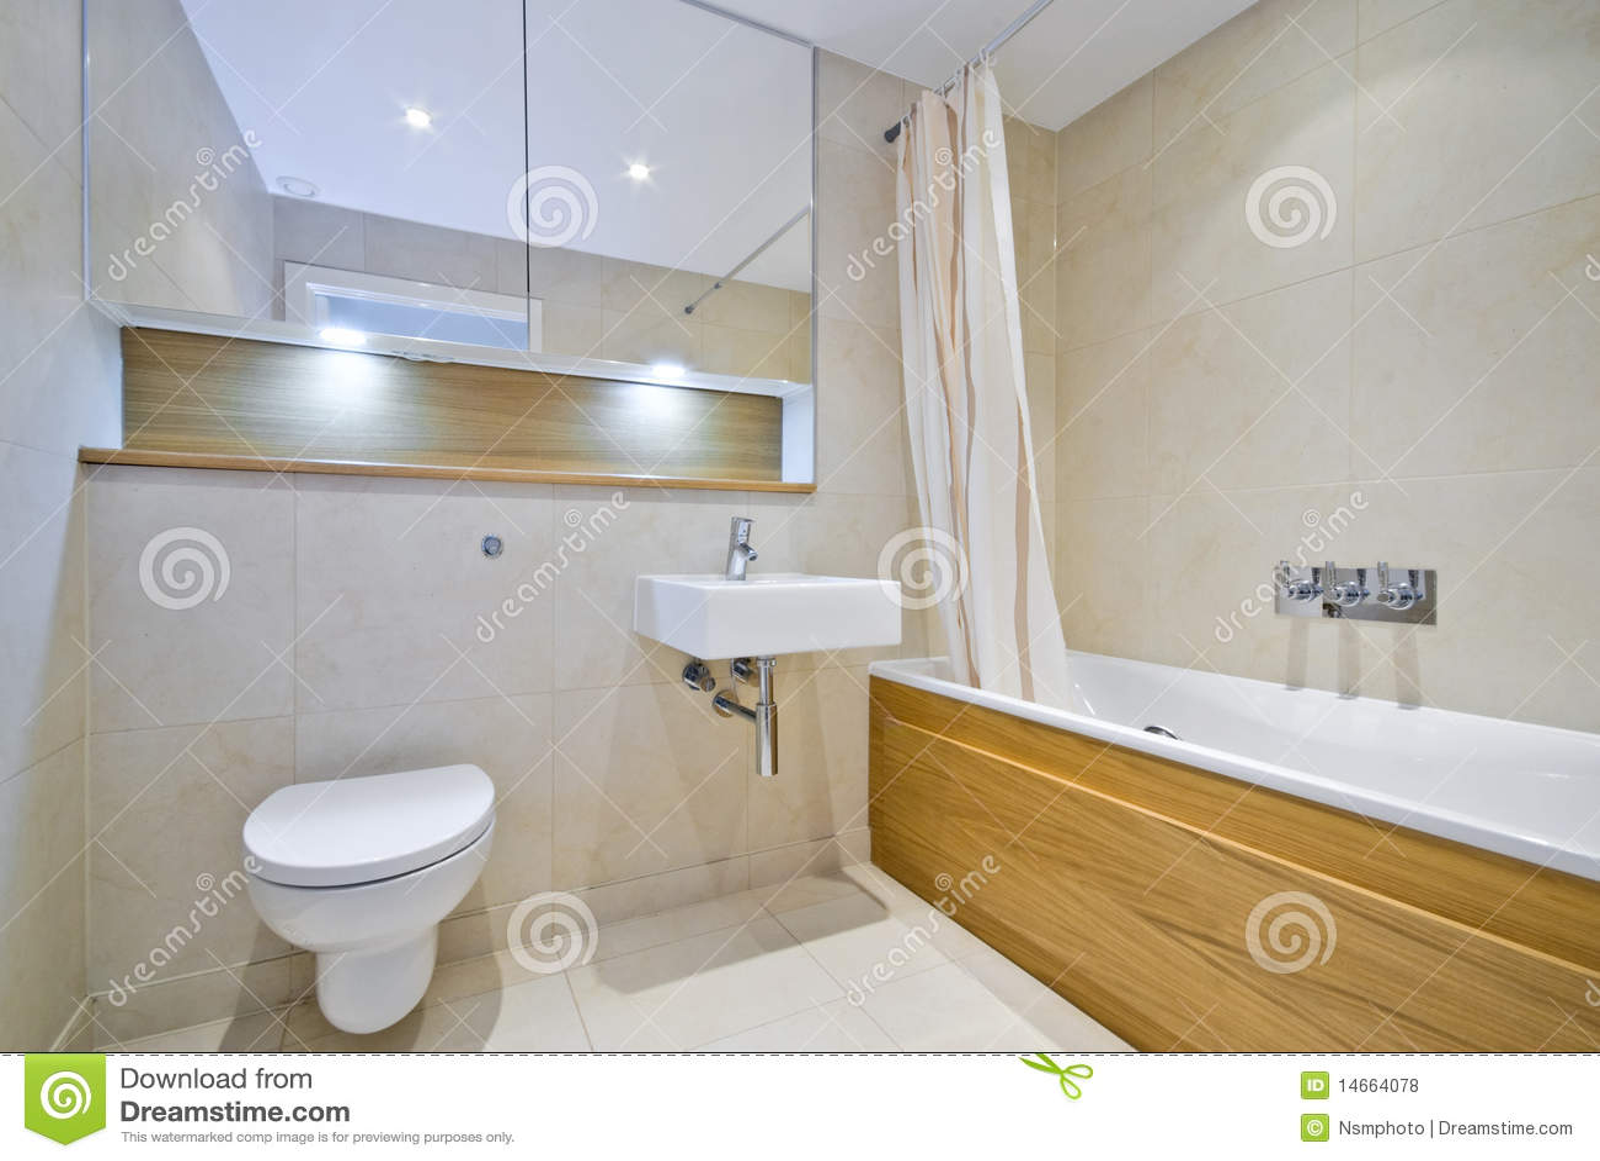 Moderne badkamers met grote badton in beige royalty vrije stock foto 39 s afbeelding 14664078 for Moderne badkamers